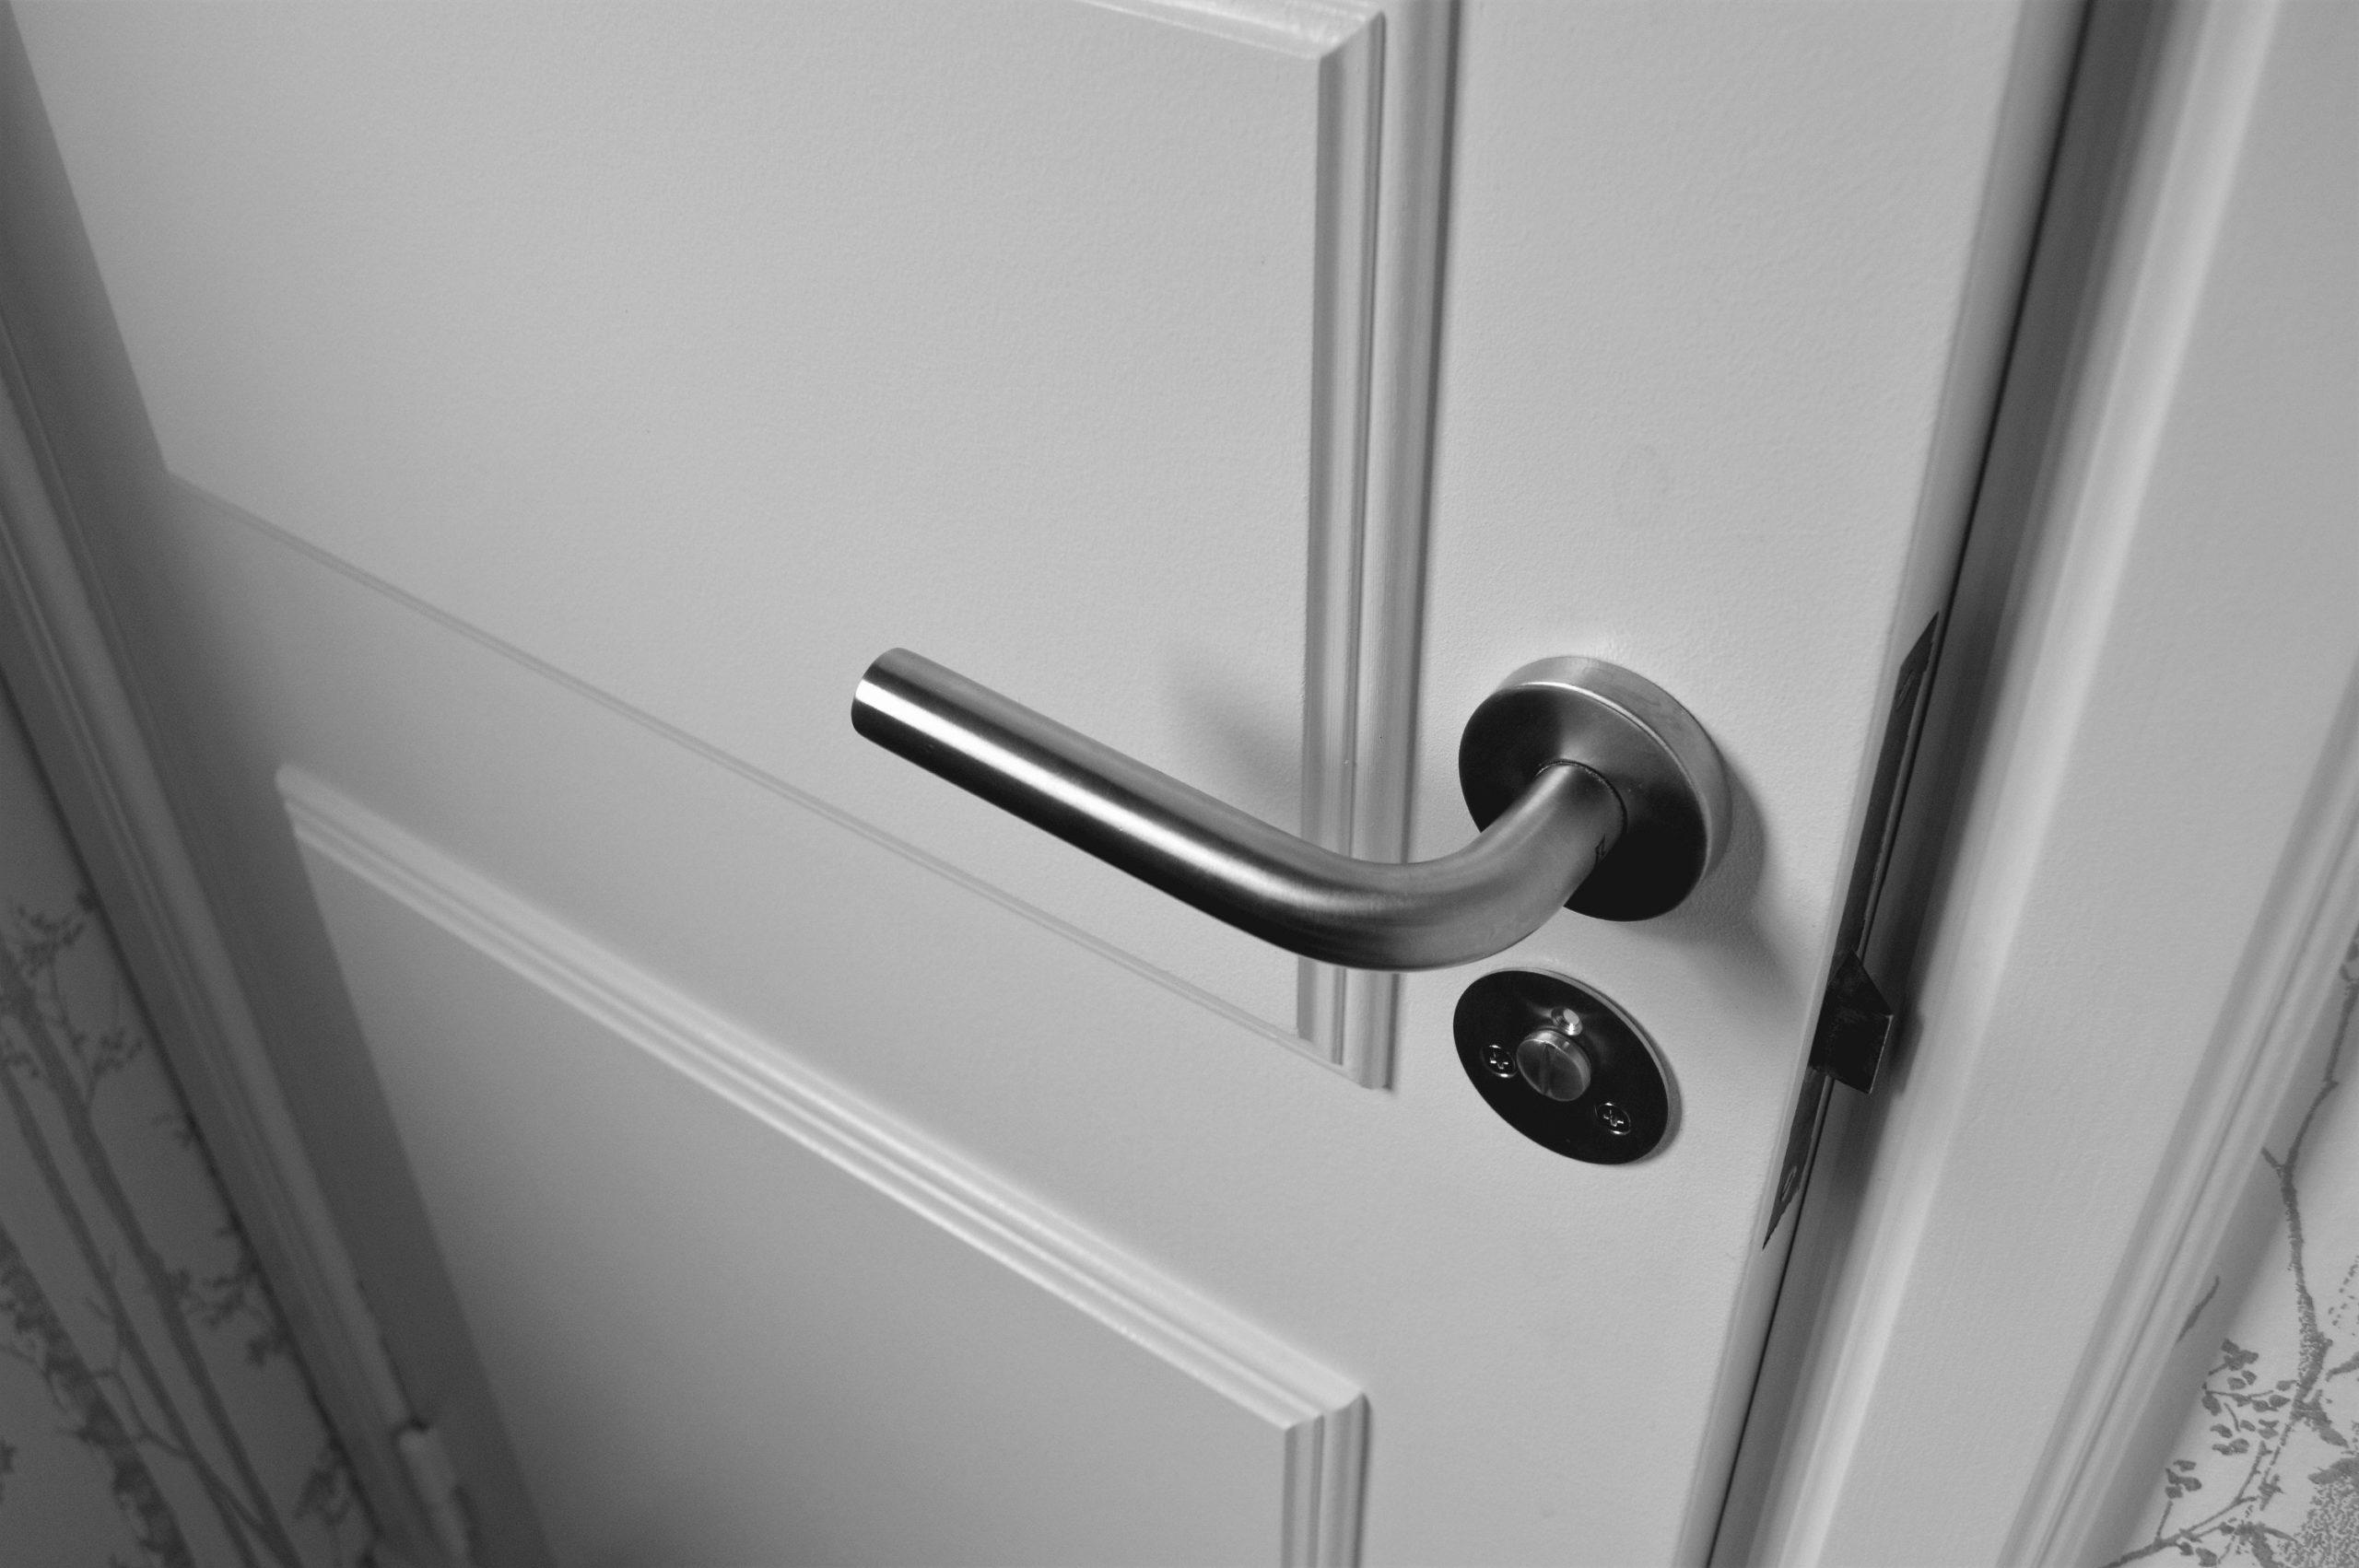 Reparation af låse i Storkøbenhavn.